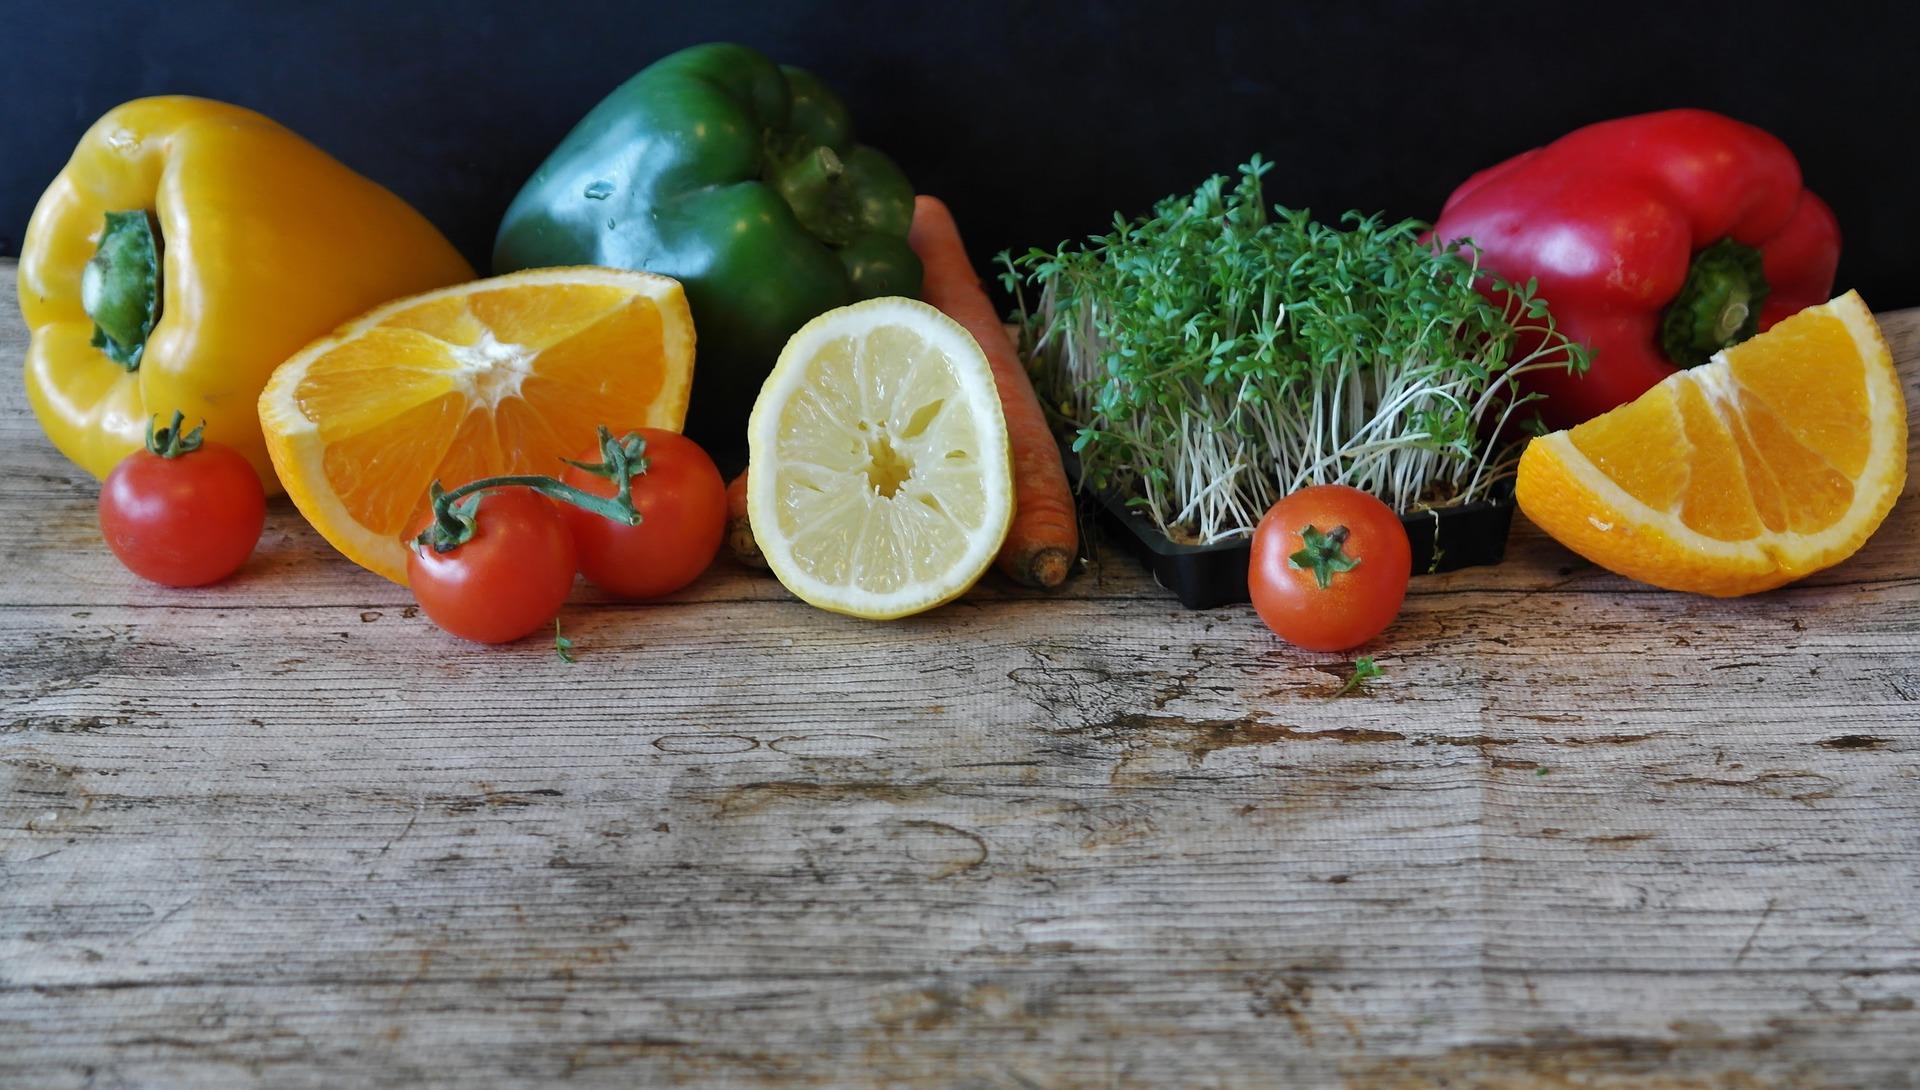 Sıvı Diyetler Sağlığa Zararlı mı